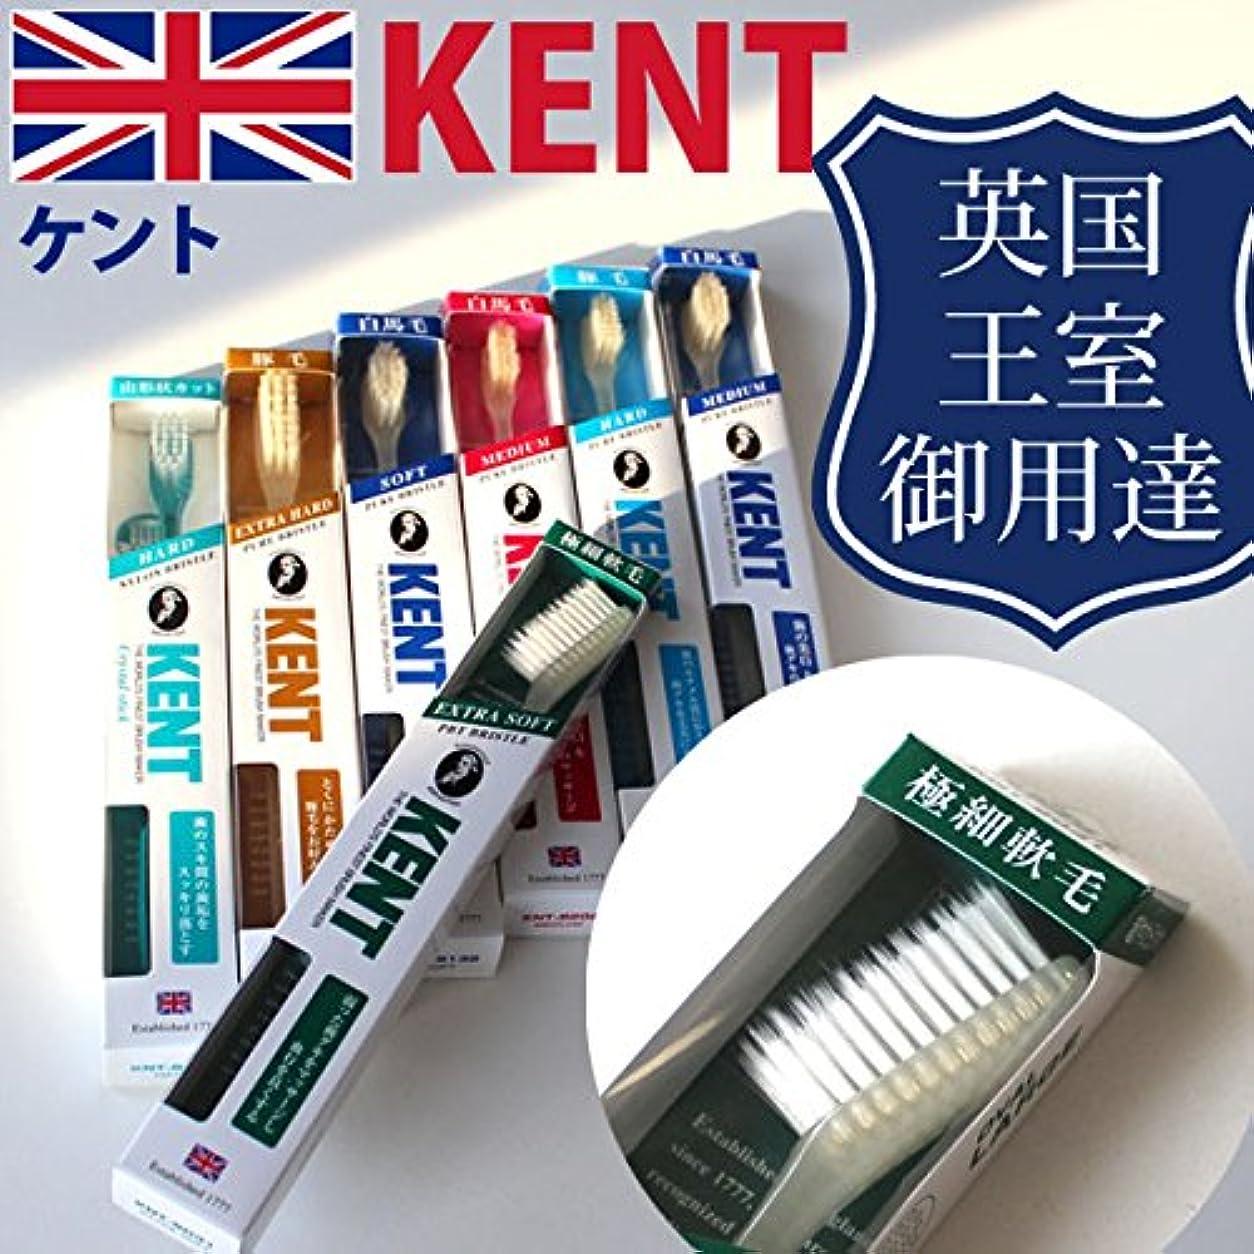 タブレット刺す幻滅するケント KENT オーバルラージヘッド極細軟毛/歯ブラシKNT-9031 超やわらかめ 6本入り